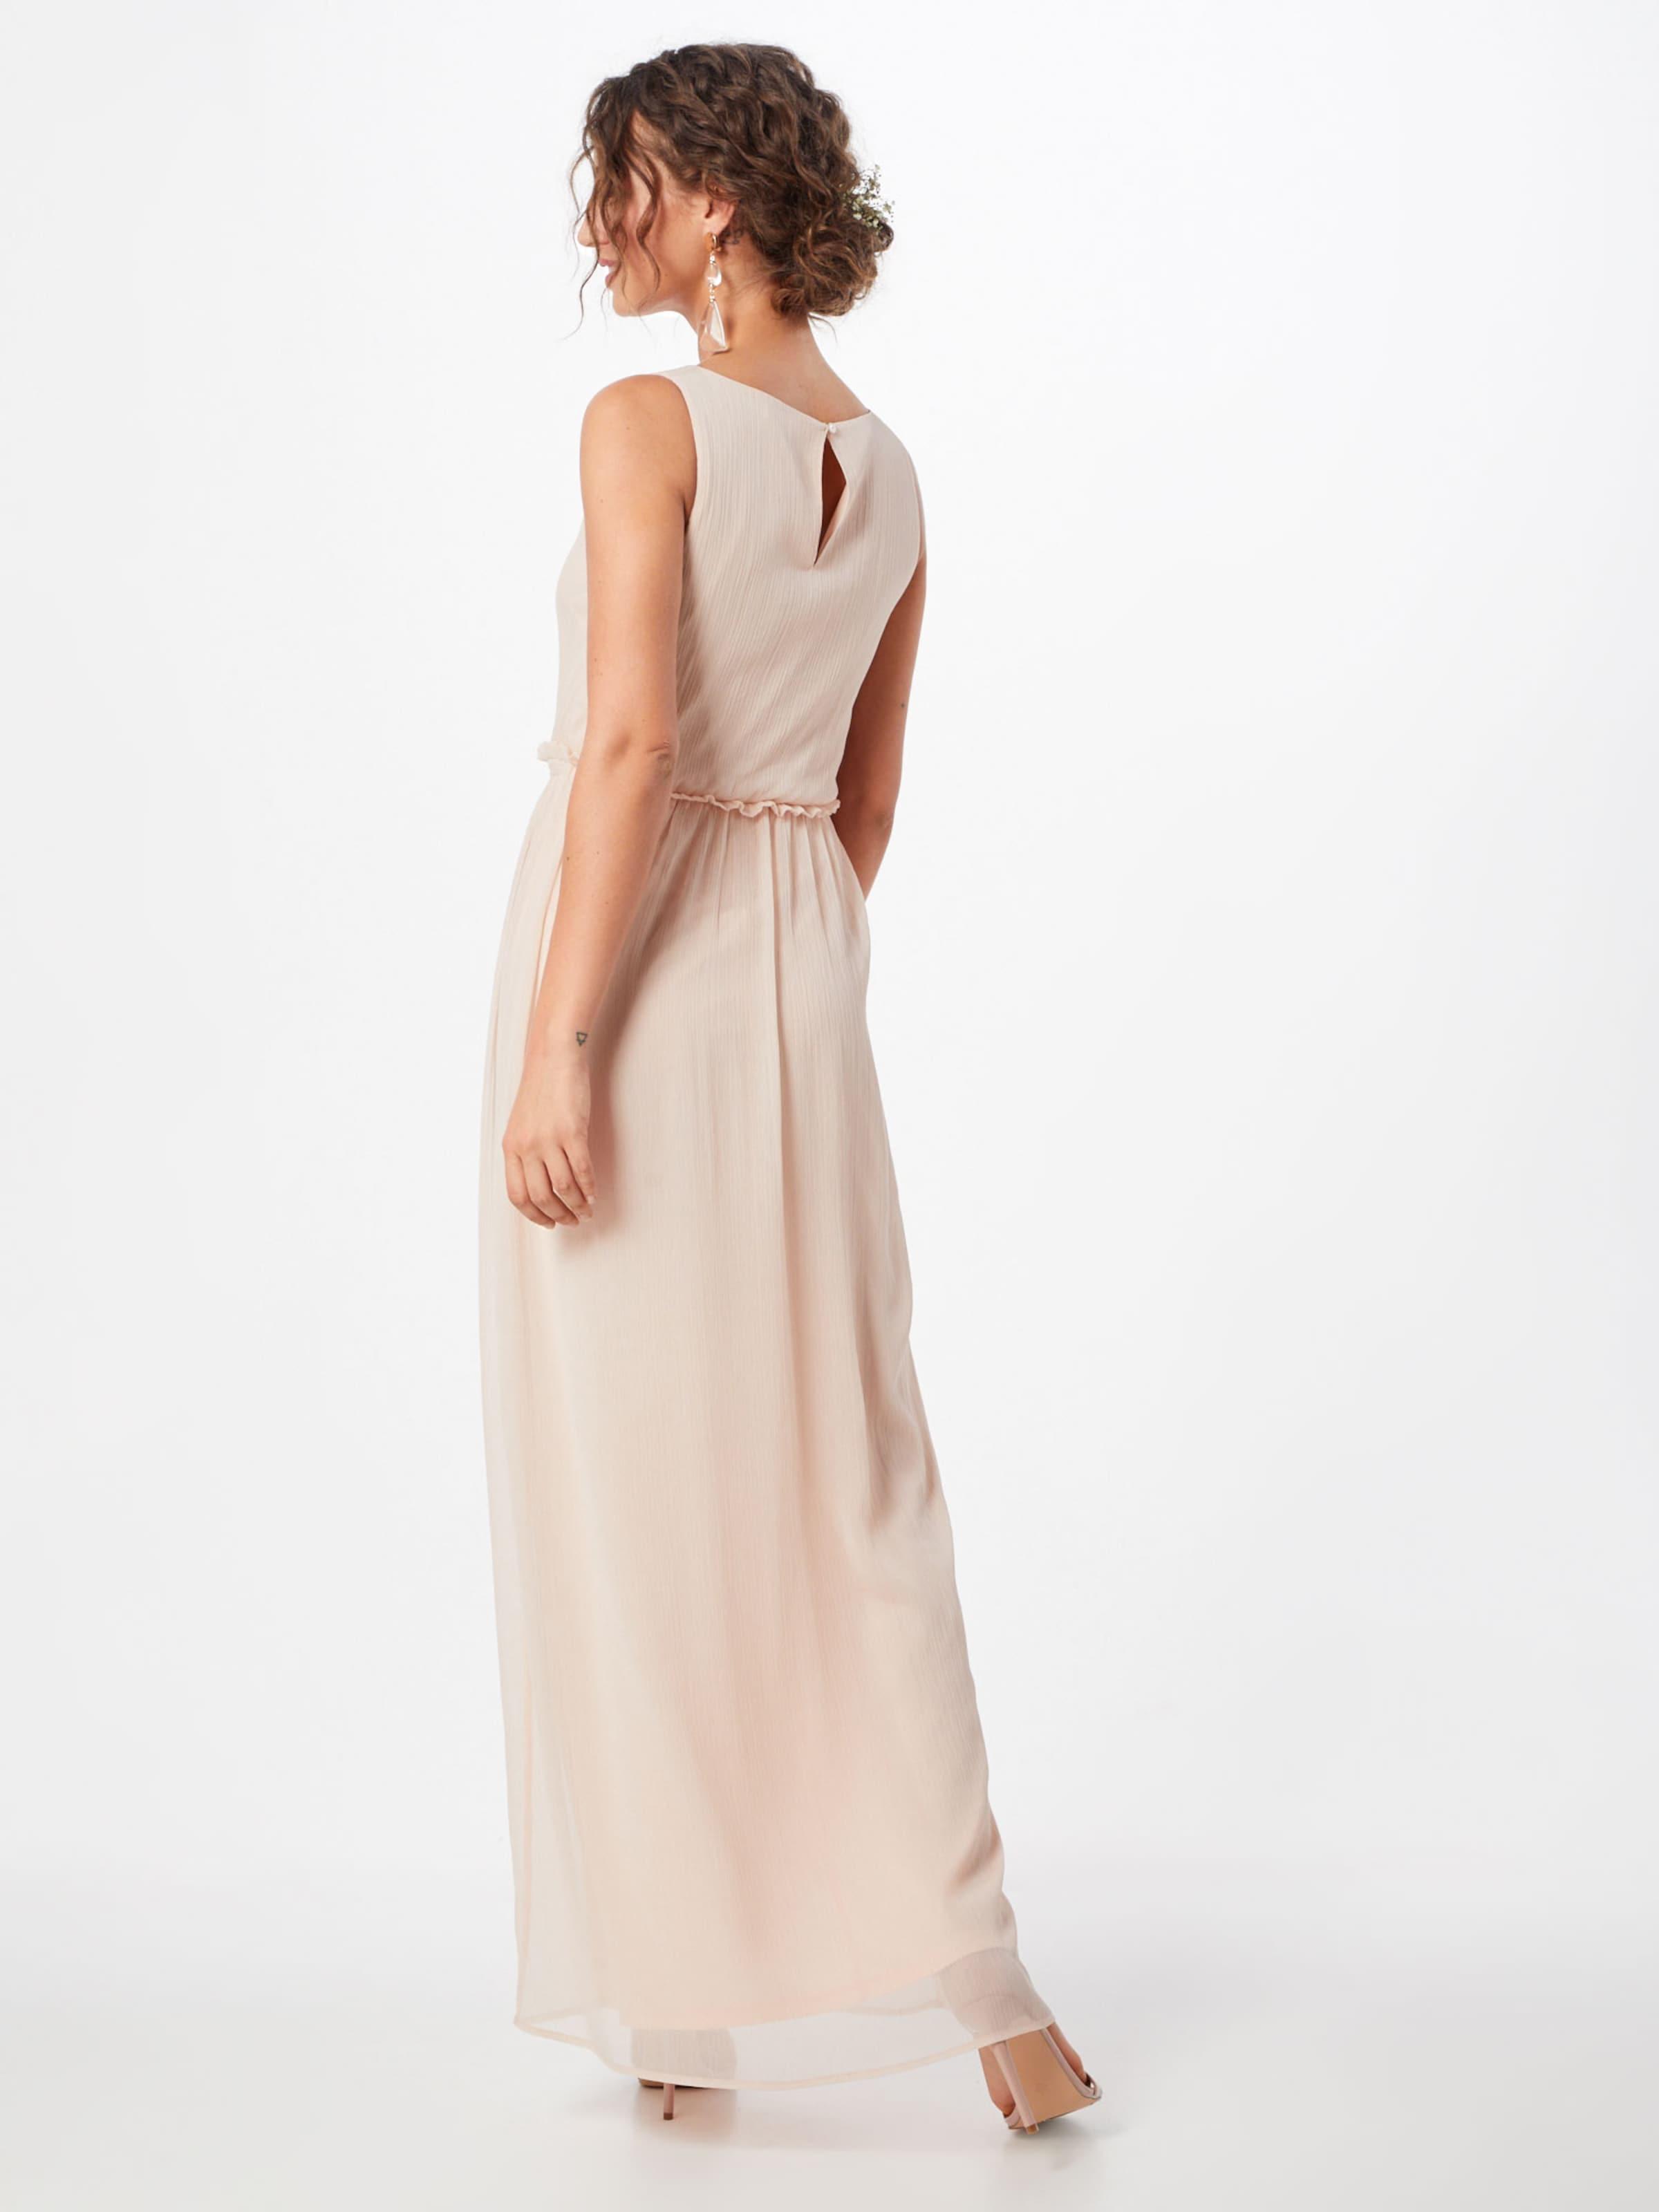 Kleid Rosa About You In 'tamara' eIDWYEH2b9